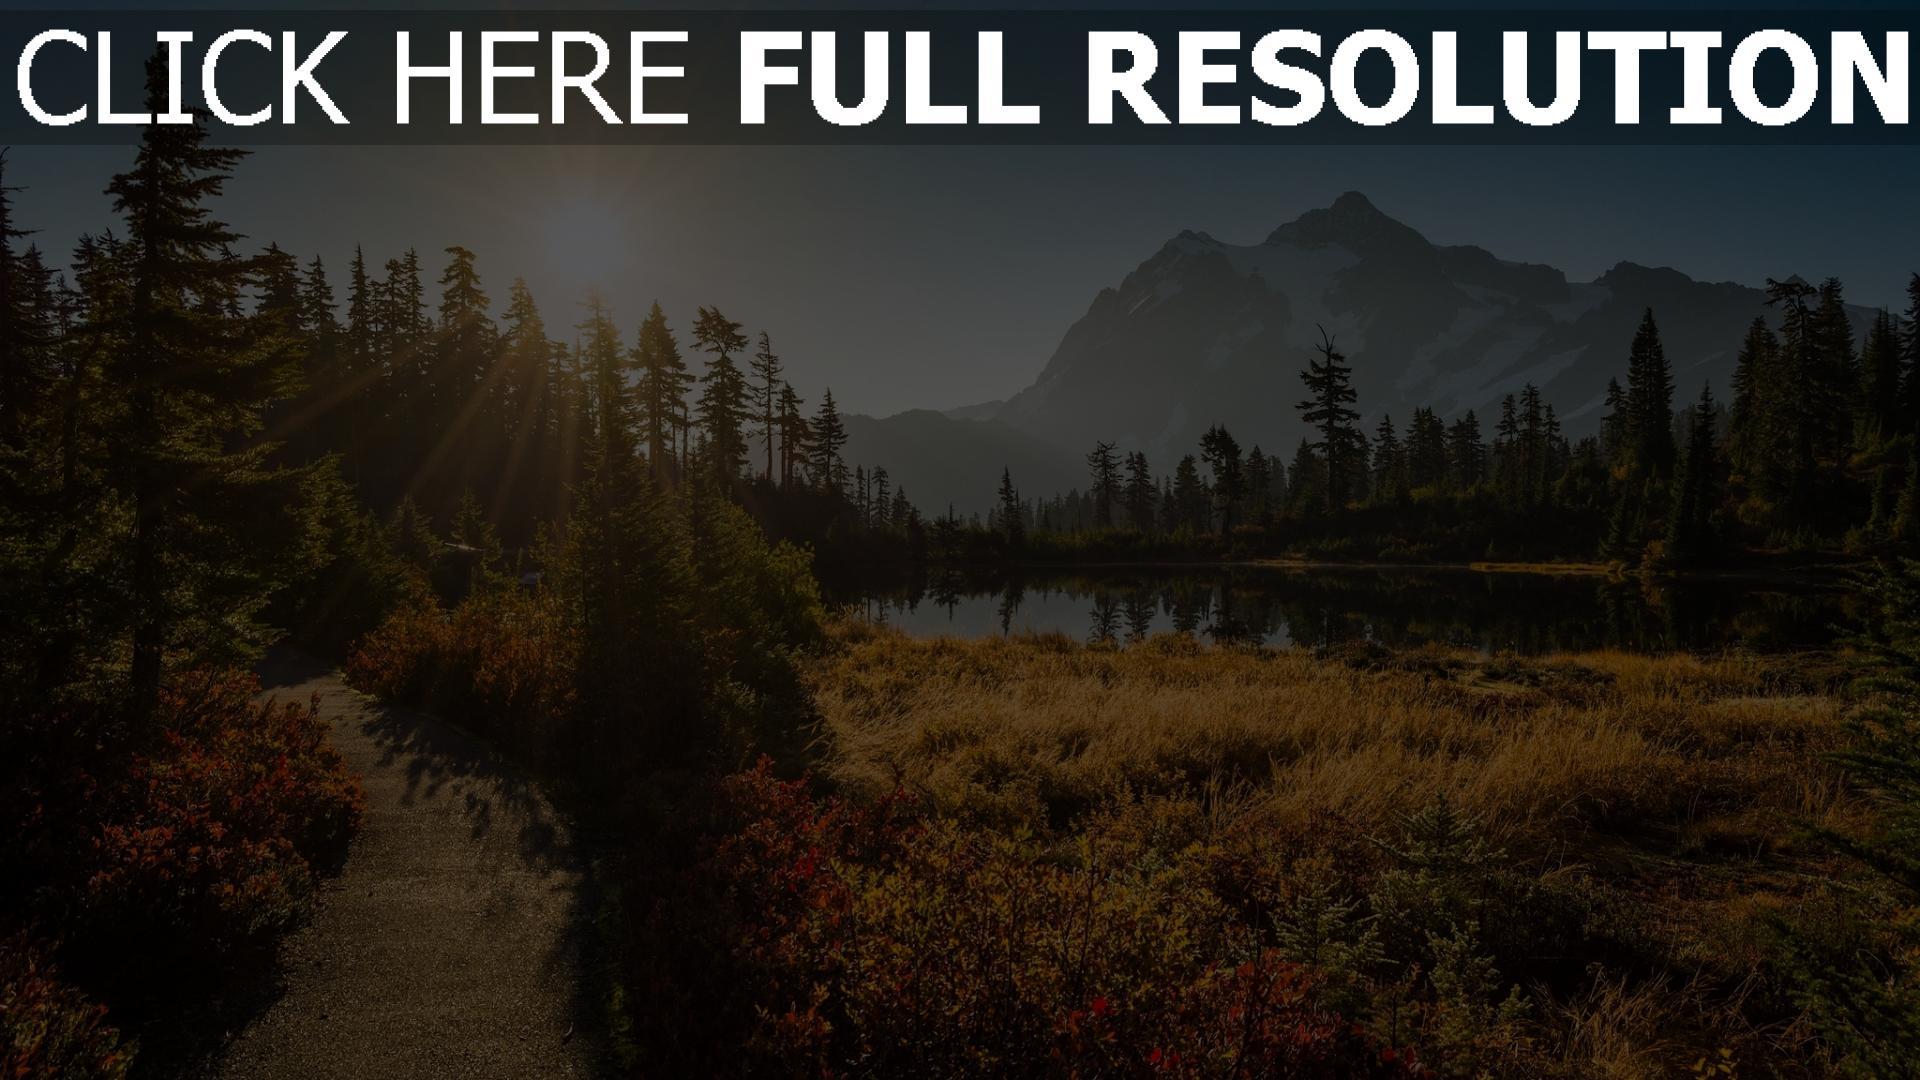 hd hintergrundbilder wald tanne bäume see sonne strahlen berge shuksan 1920x1080